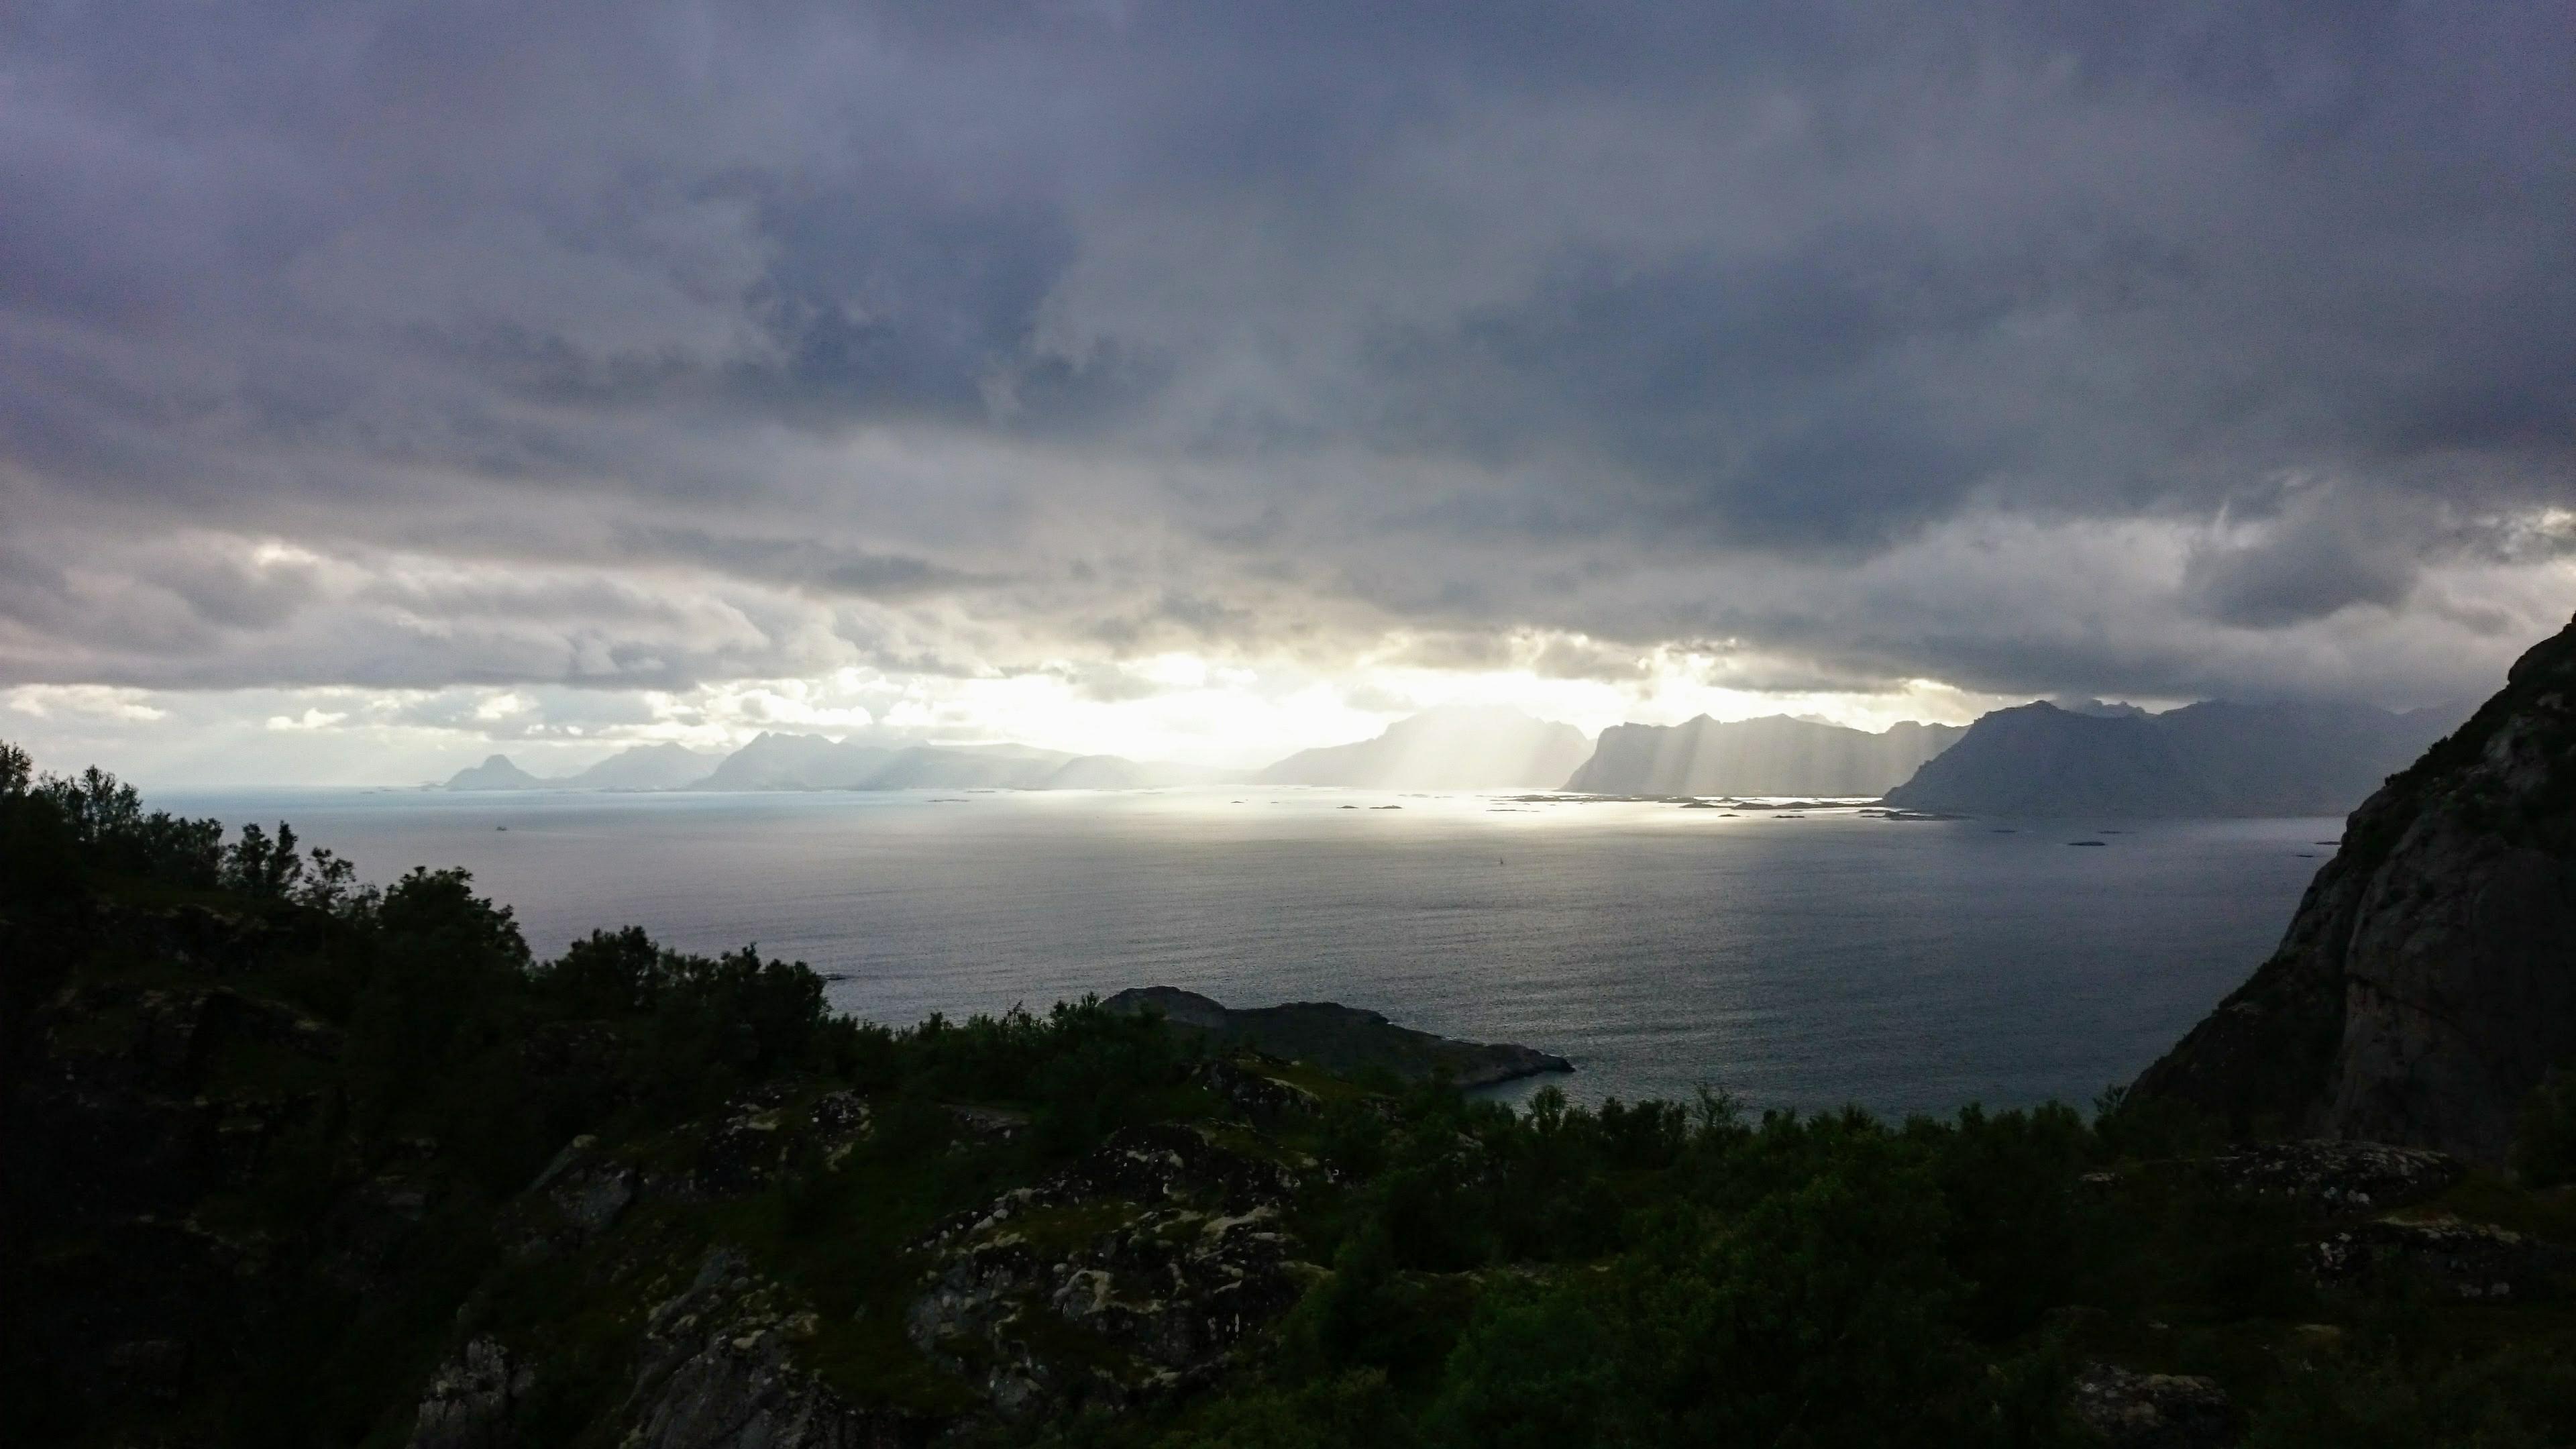 Paprsky slunce ozařují skály na ostrovech